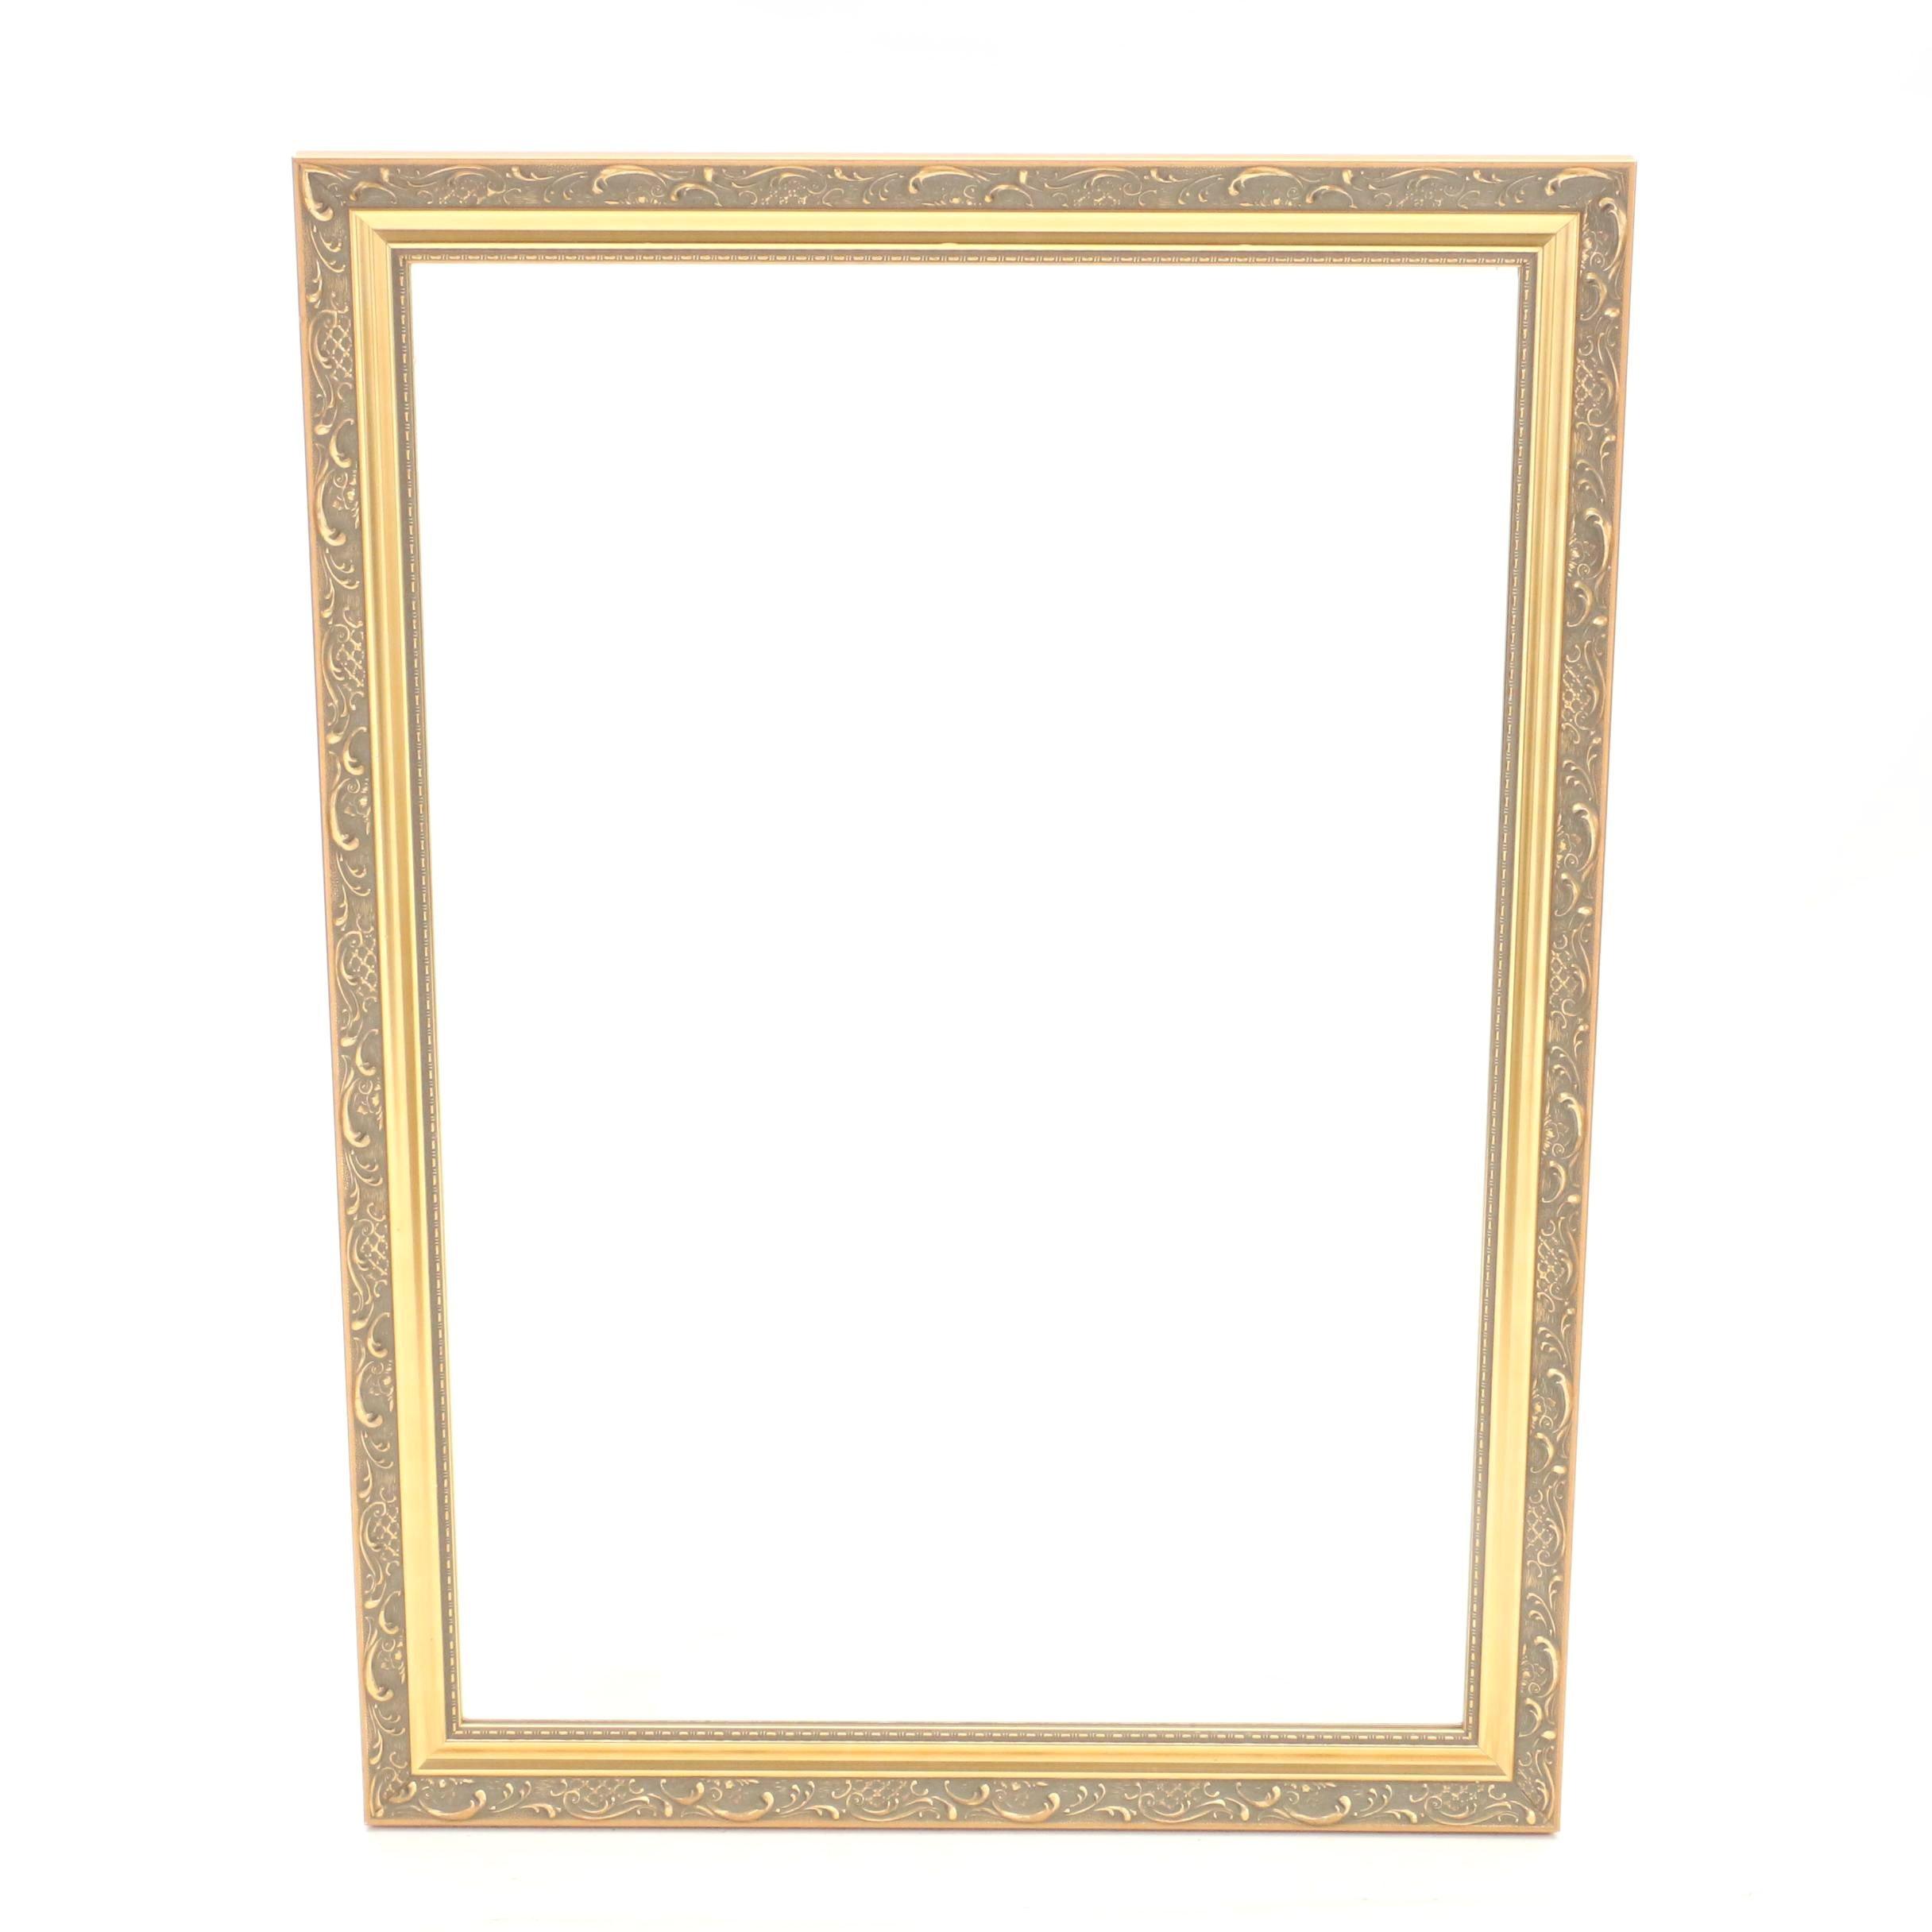 Decorative Gold Tone Wall Mirror by Carolina Mirror Company